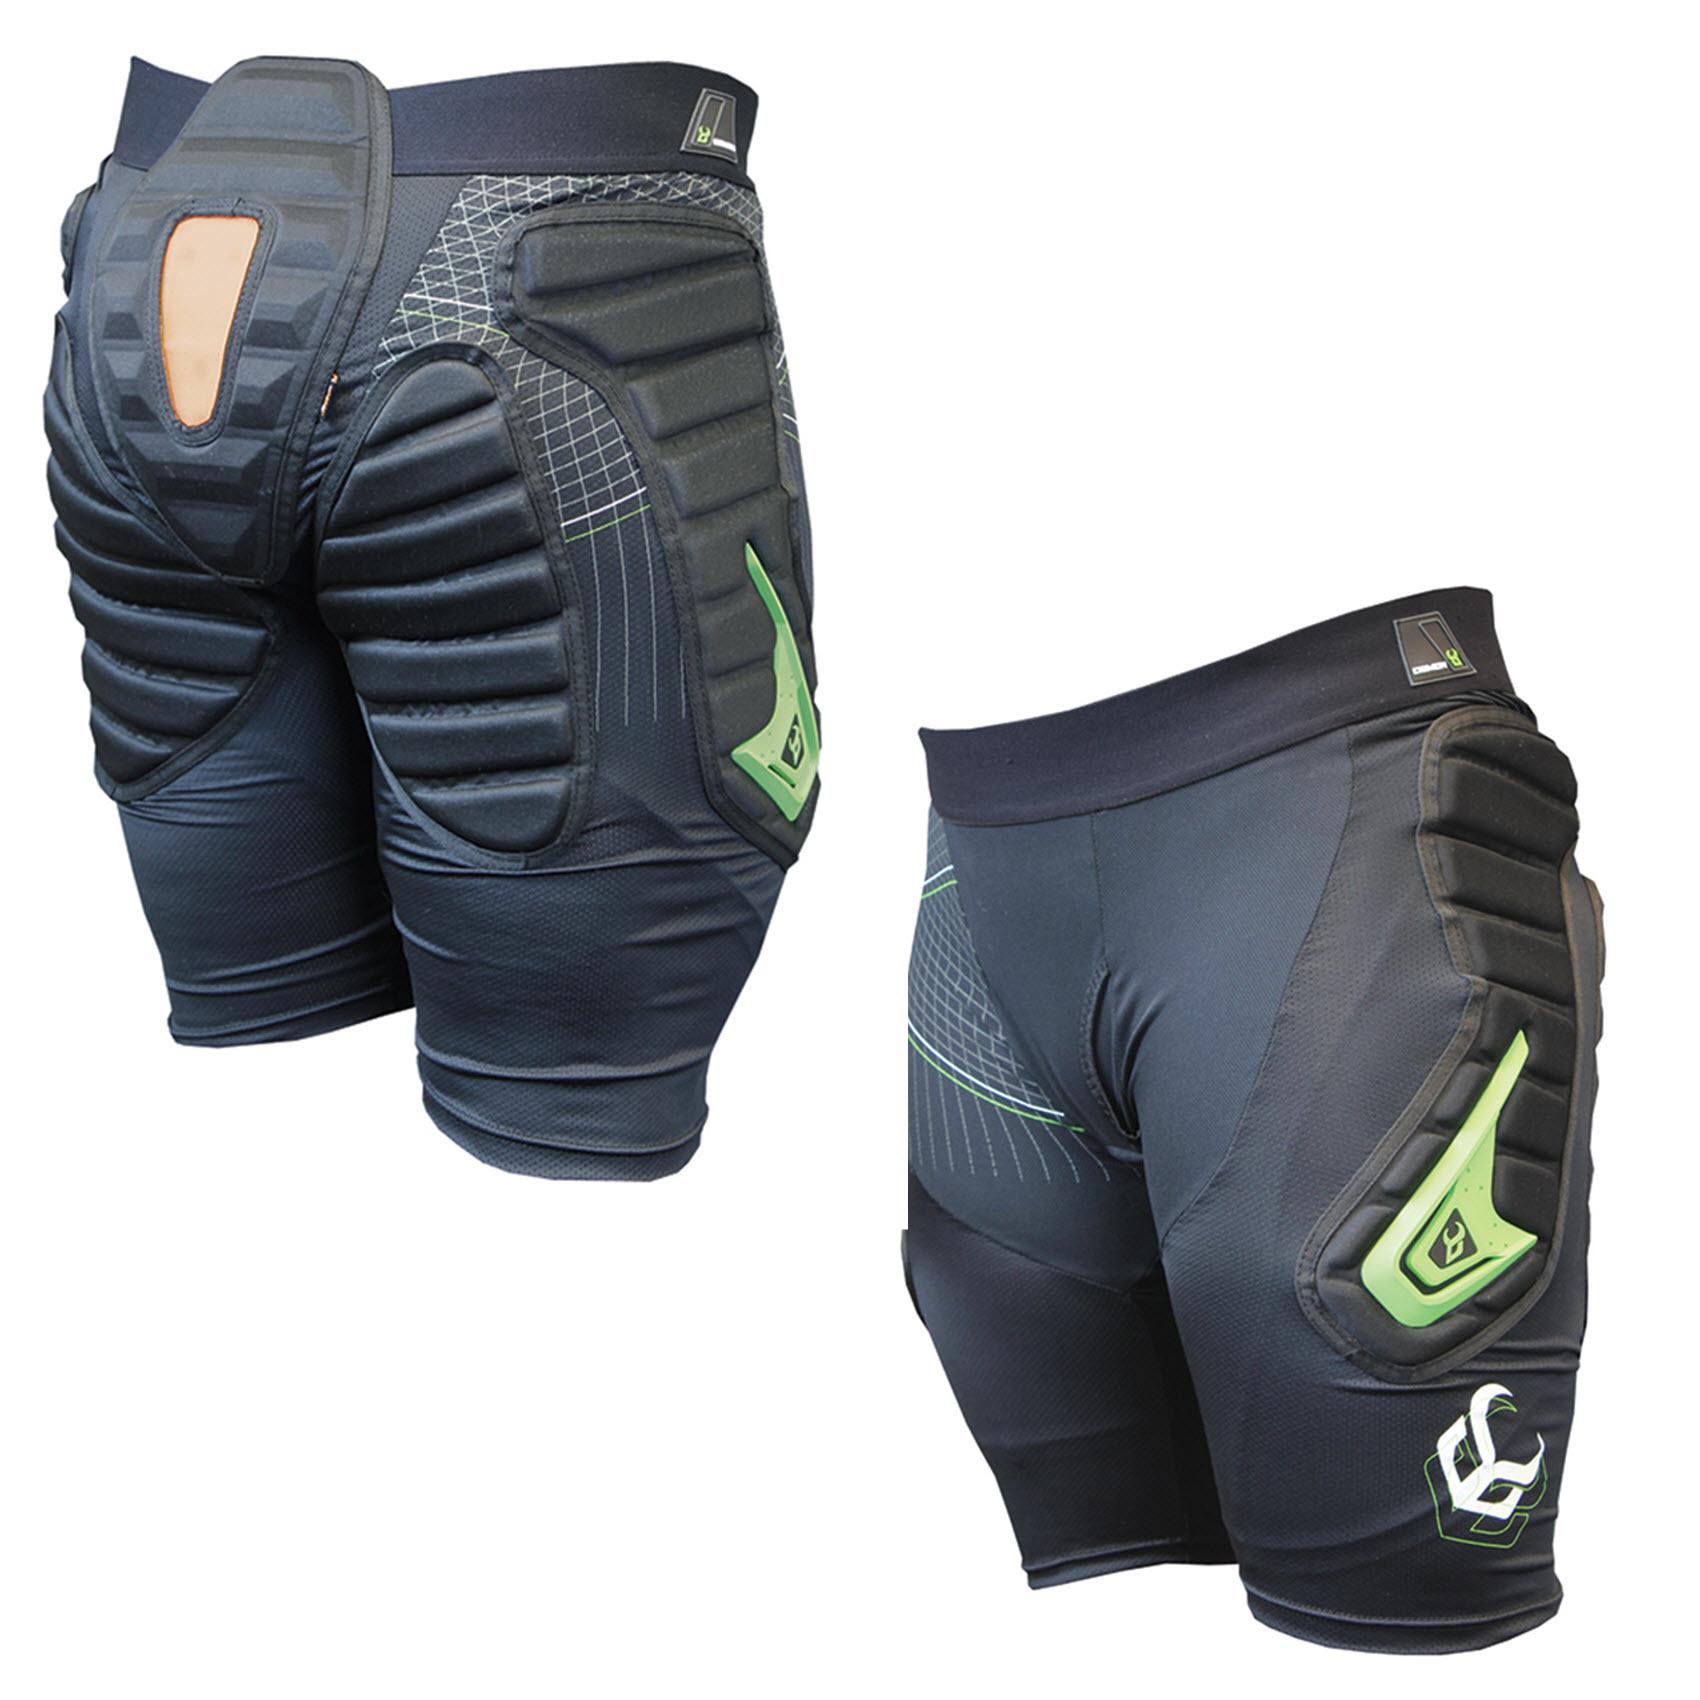 demon impact shorts flexforce x d30 short protection